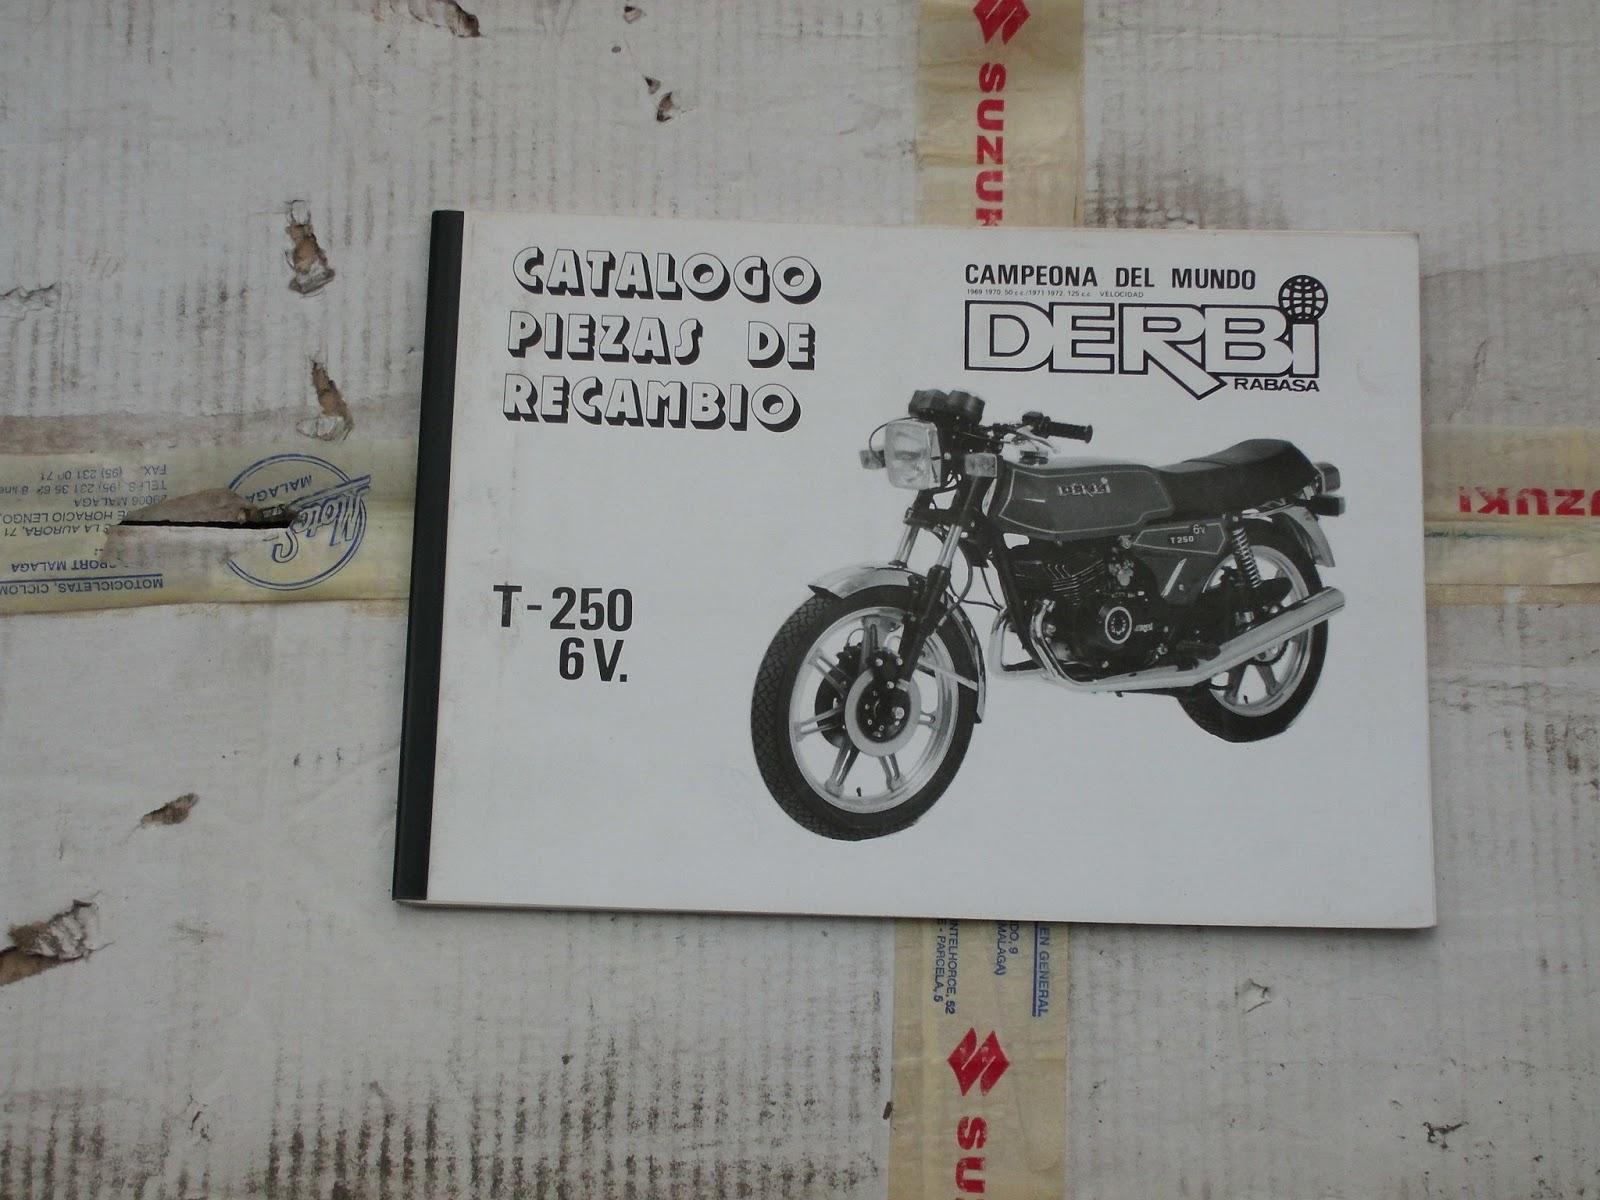 Recambios hermanos barroso catalogos de motos for Catalogo derbi